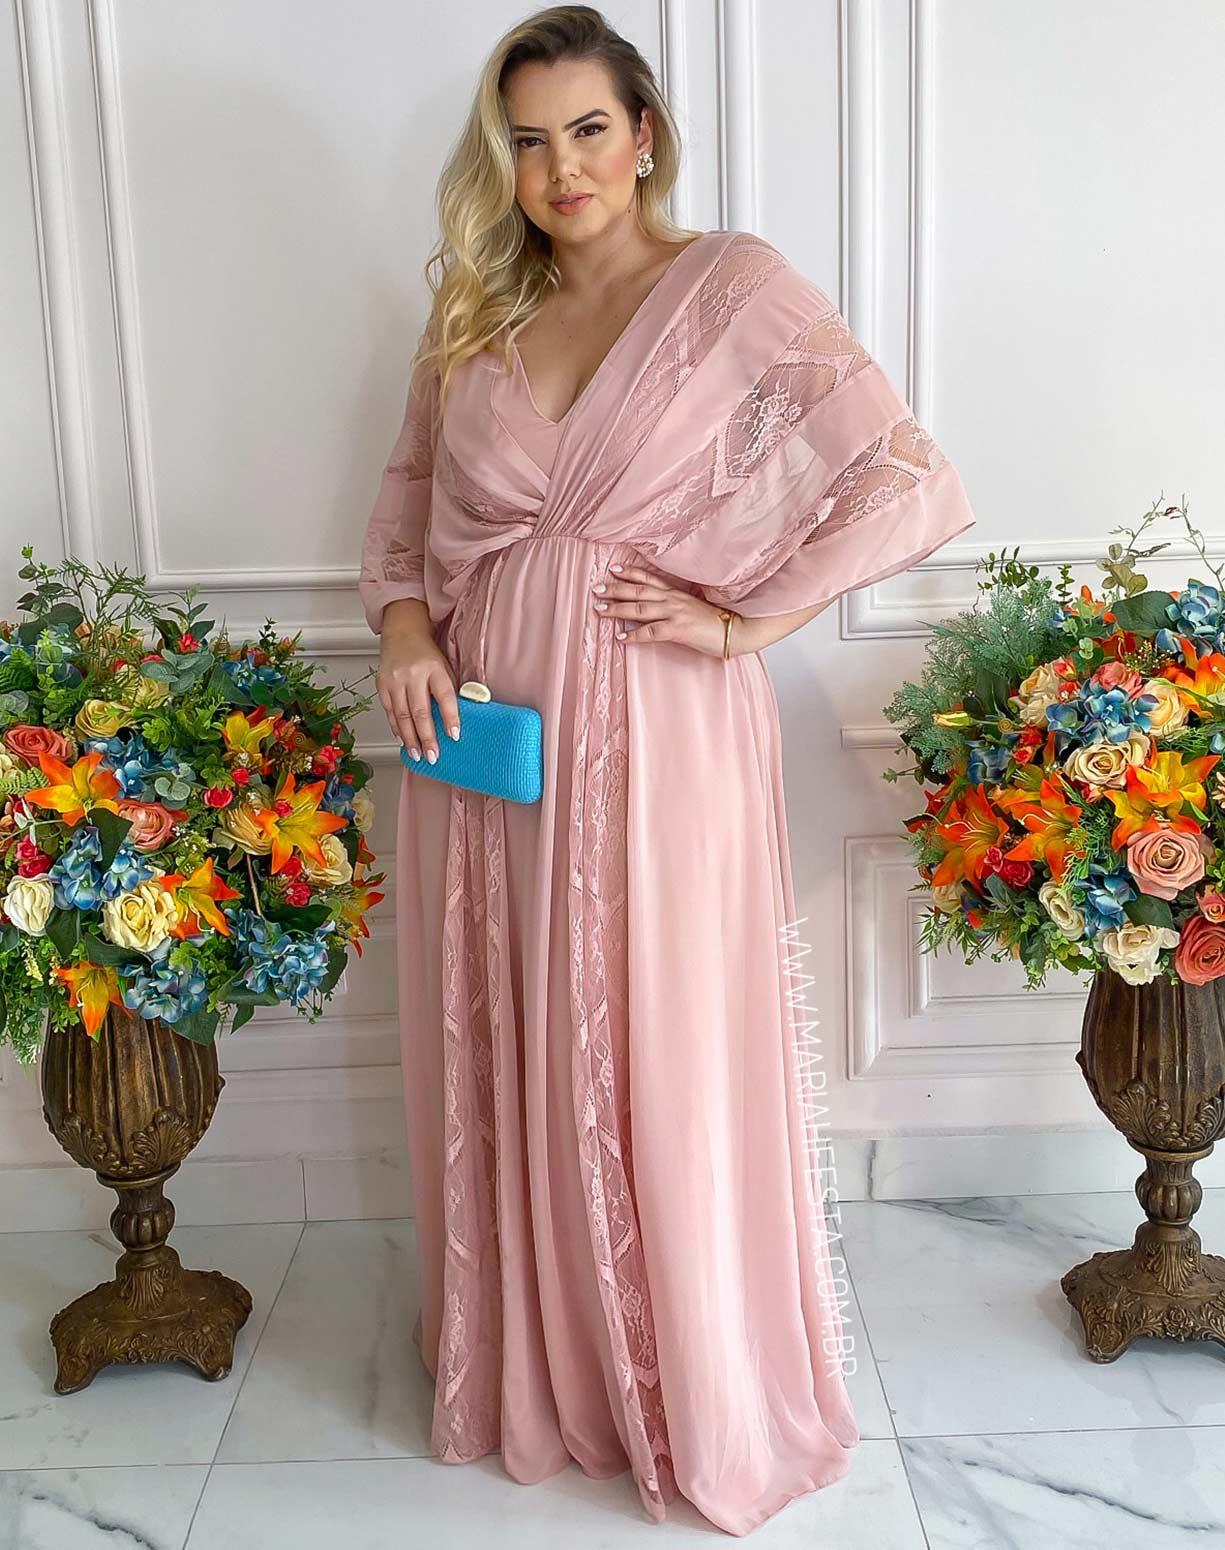 Vestido Rose em Renda e Chifon de Seda